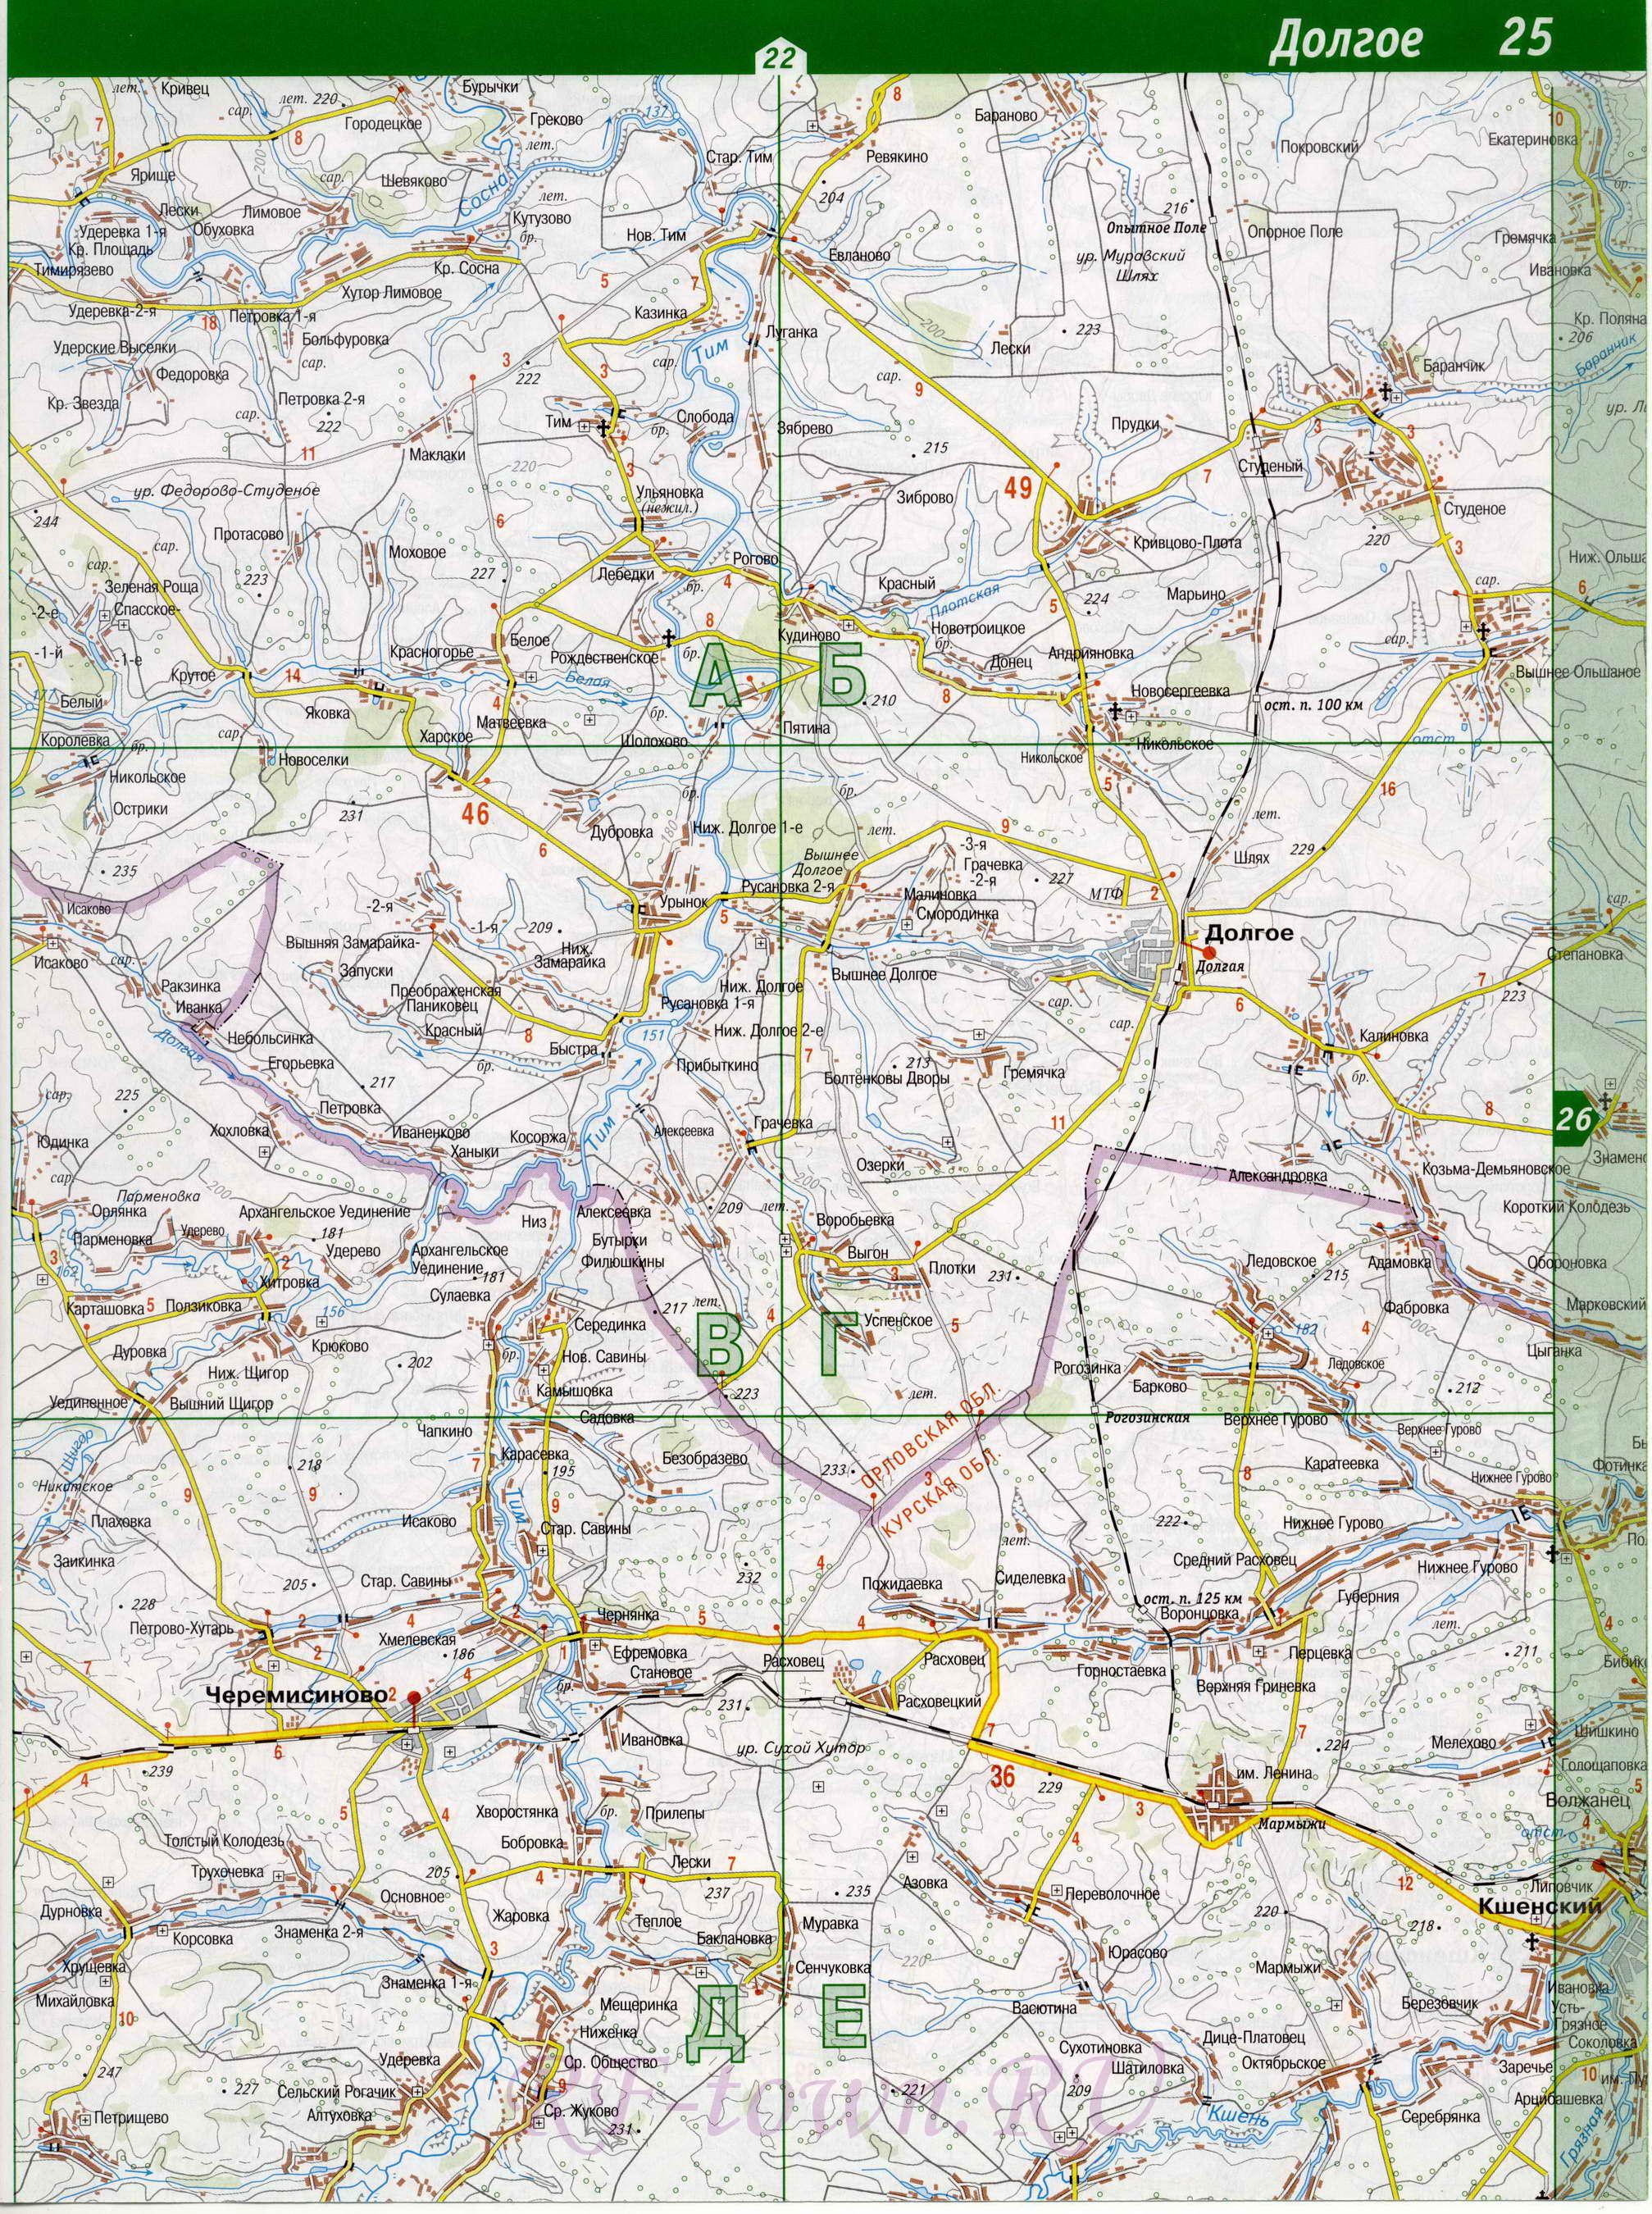 Должанский район. Карта Должанского района Орловской ...: http://rf-town.ru/map1061191_0_0.htm